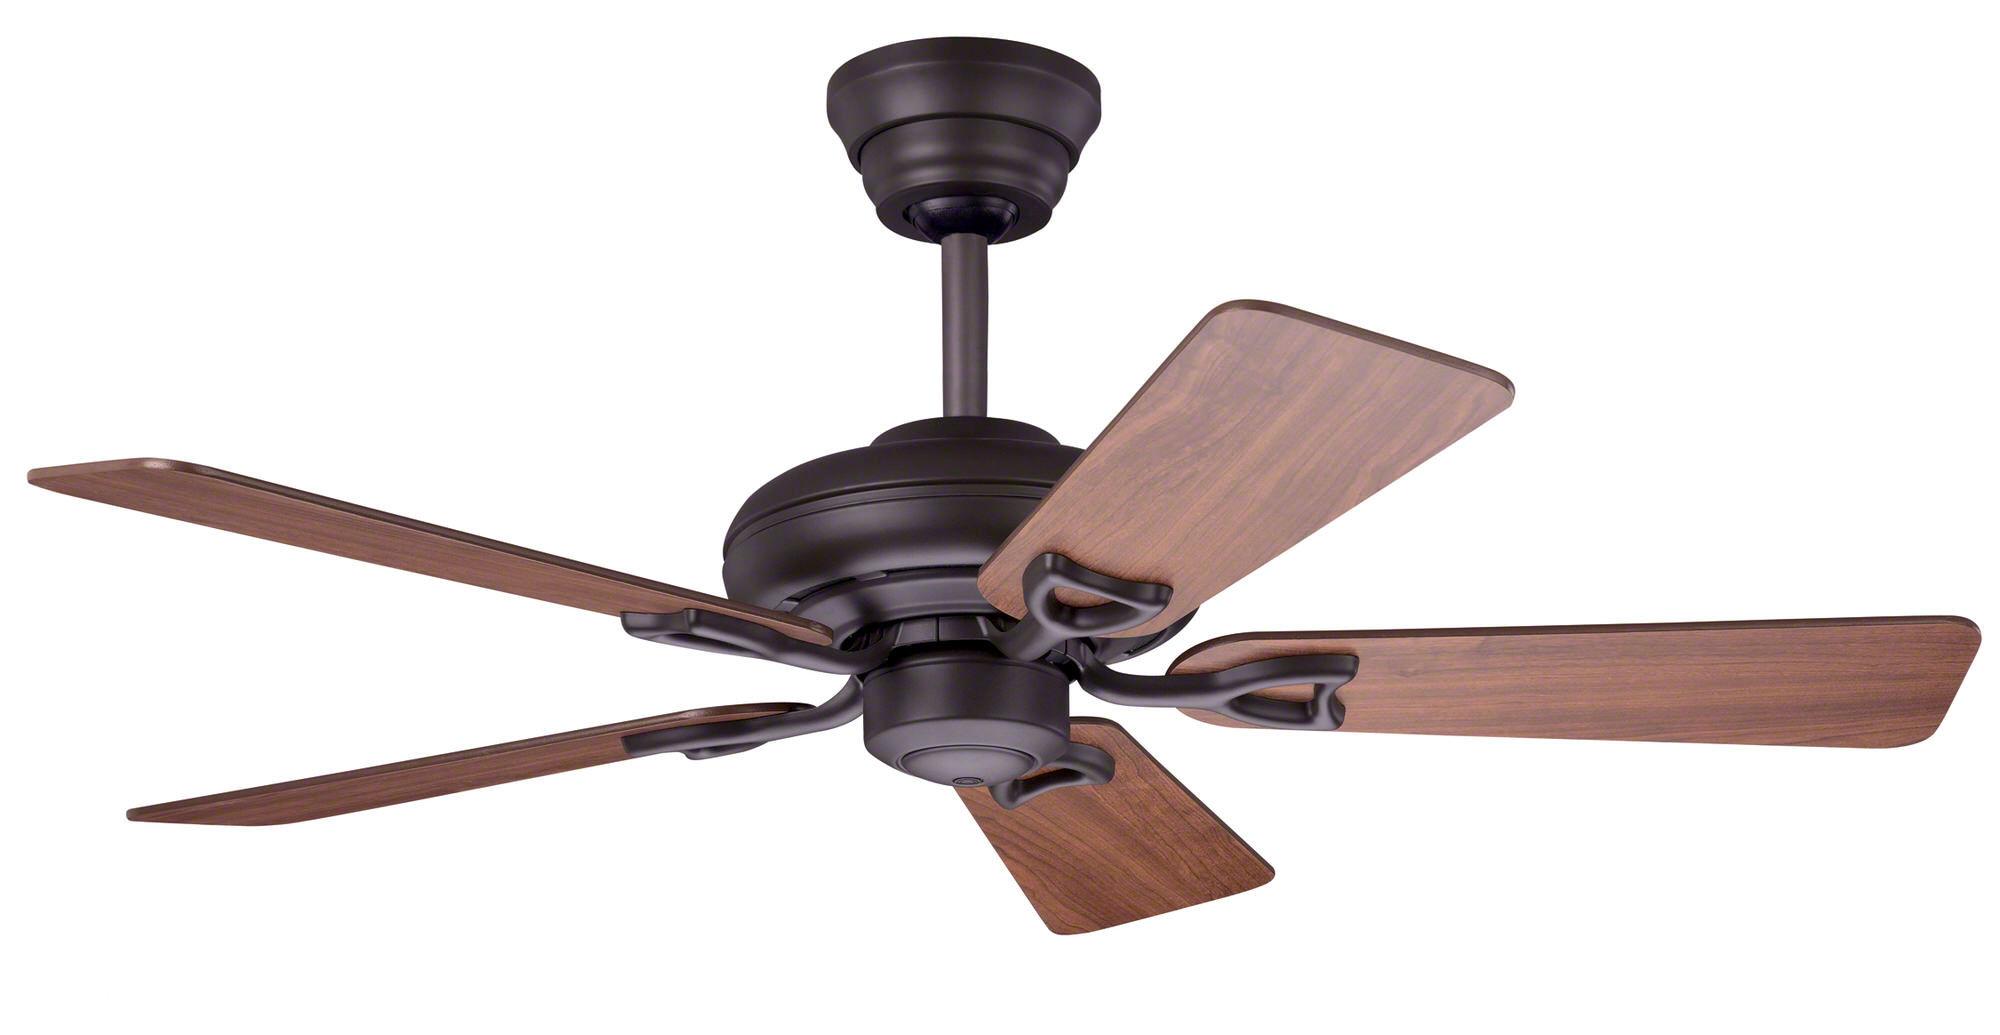 Hunter Seville Ii Ceiling Fan Hunter Ceiling Fan Conservatory Ceiling Fan Fan Remote Control